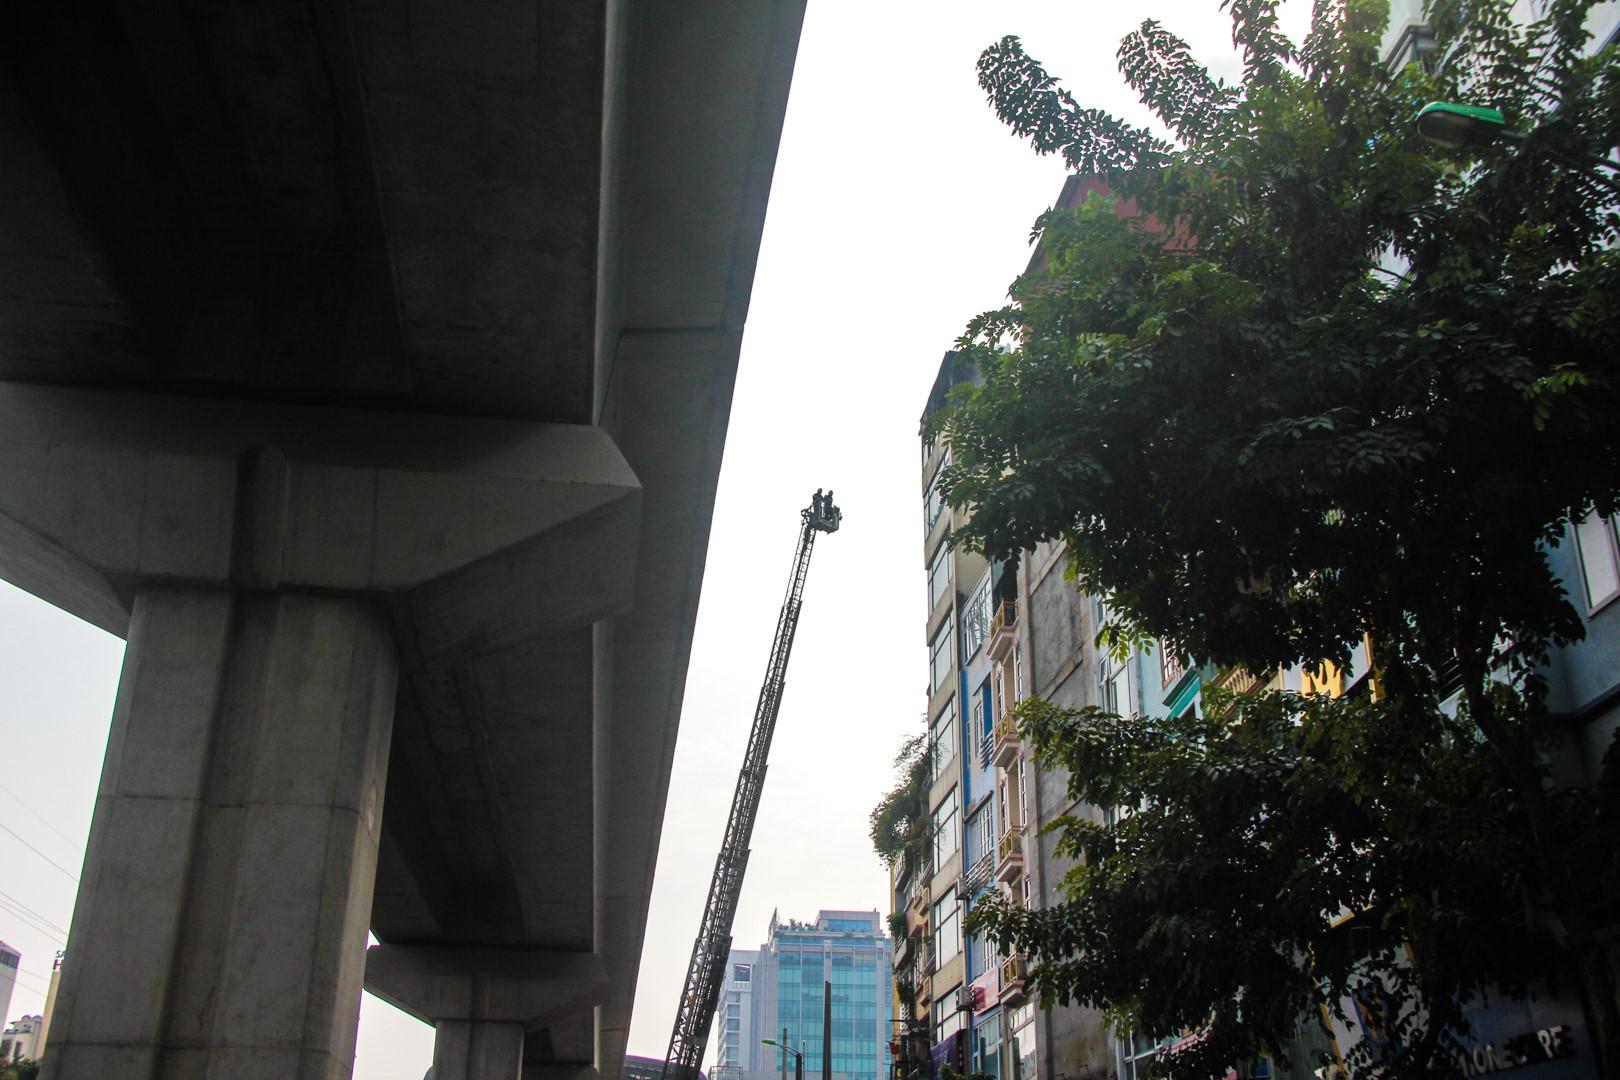 Hơn 2 giờ dập đám cháy do đốt vàng mã tại tòa nhà 9 tầng Ảnh 6